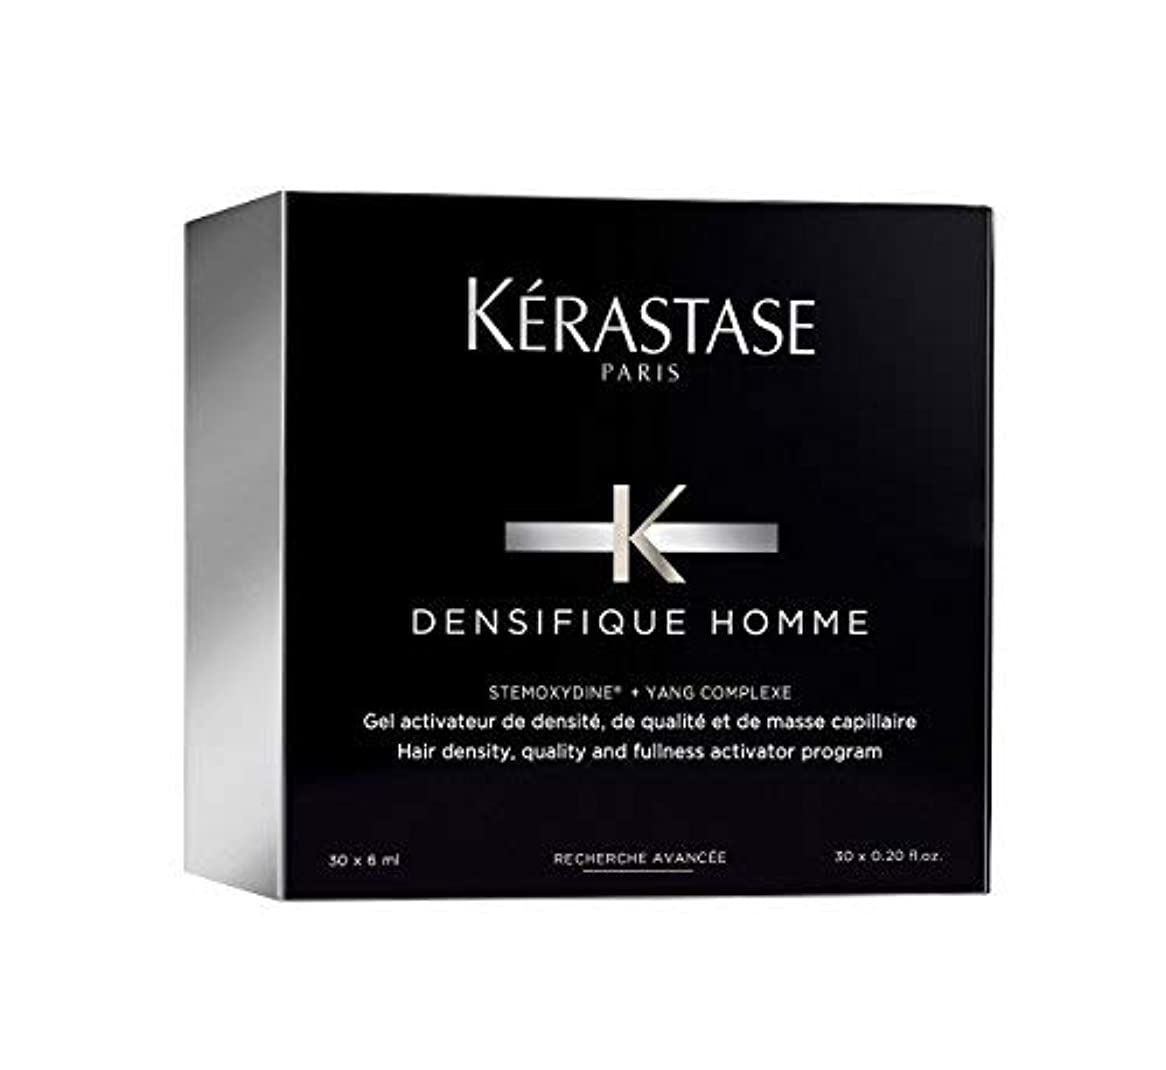 ケーキ伝説拡大するケラスターゼ Densifique Homme Hair Density and Fullness Programme 30x6ml